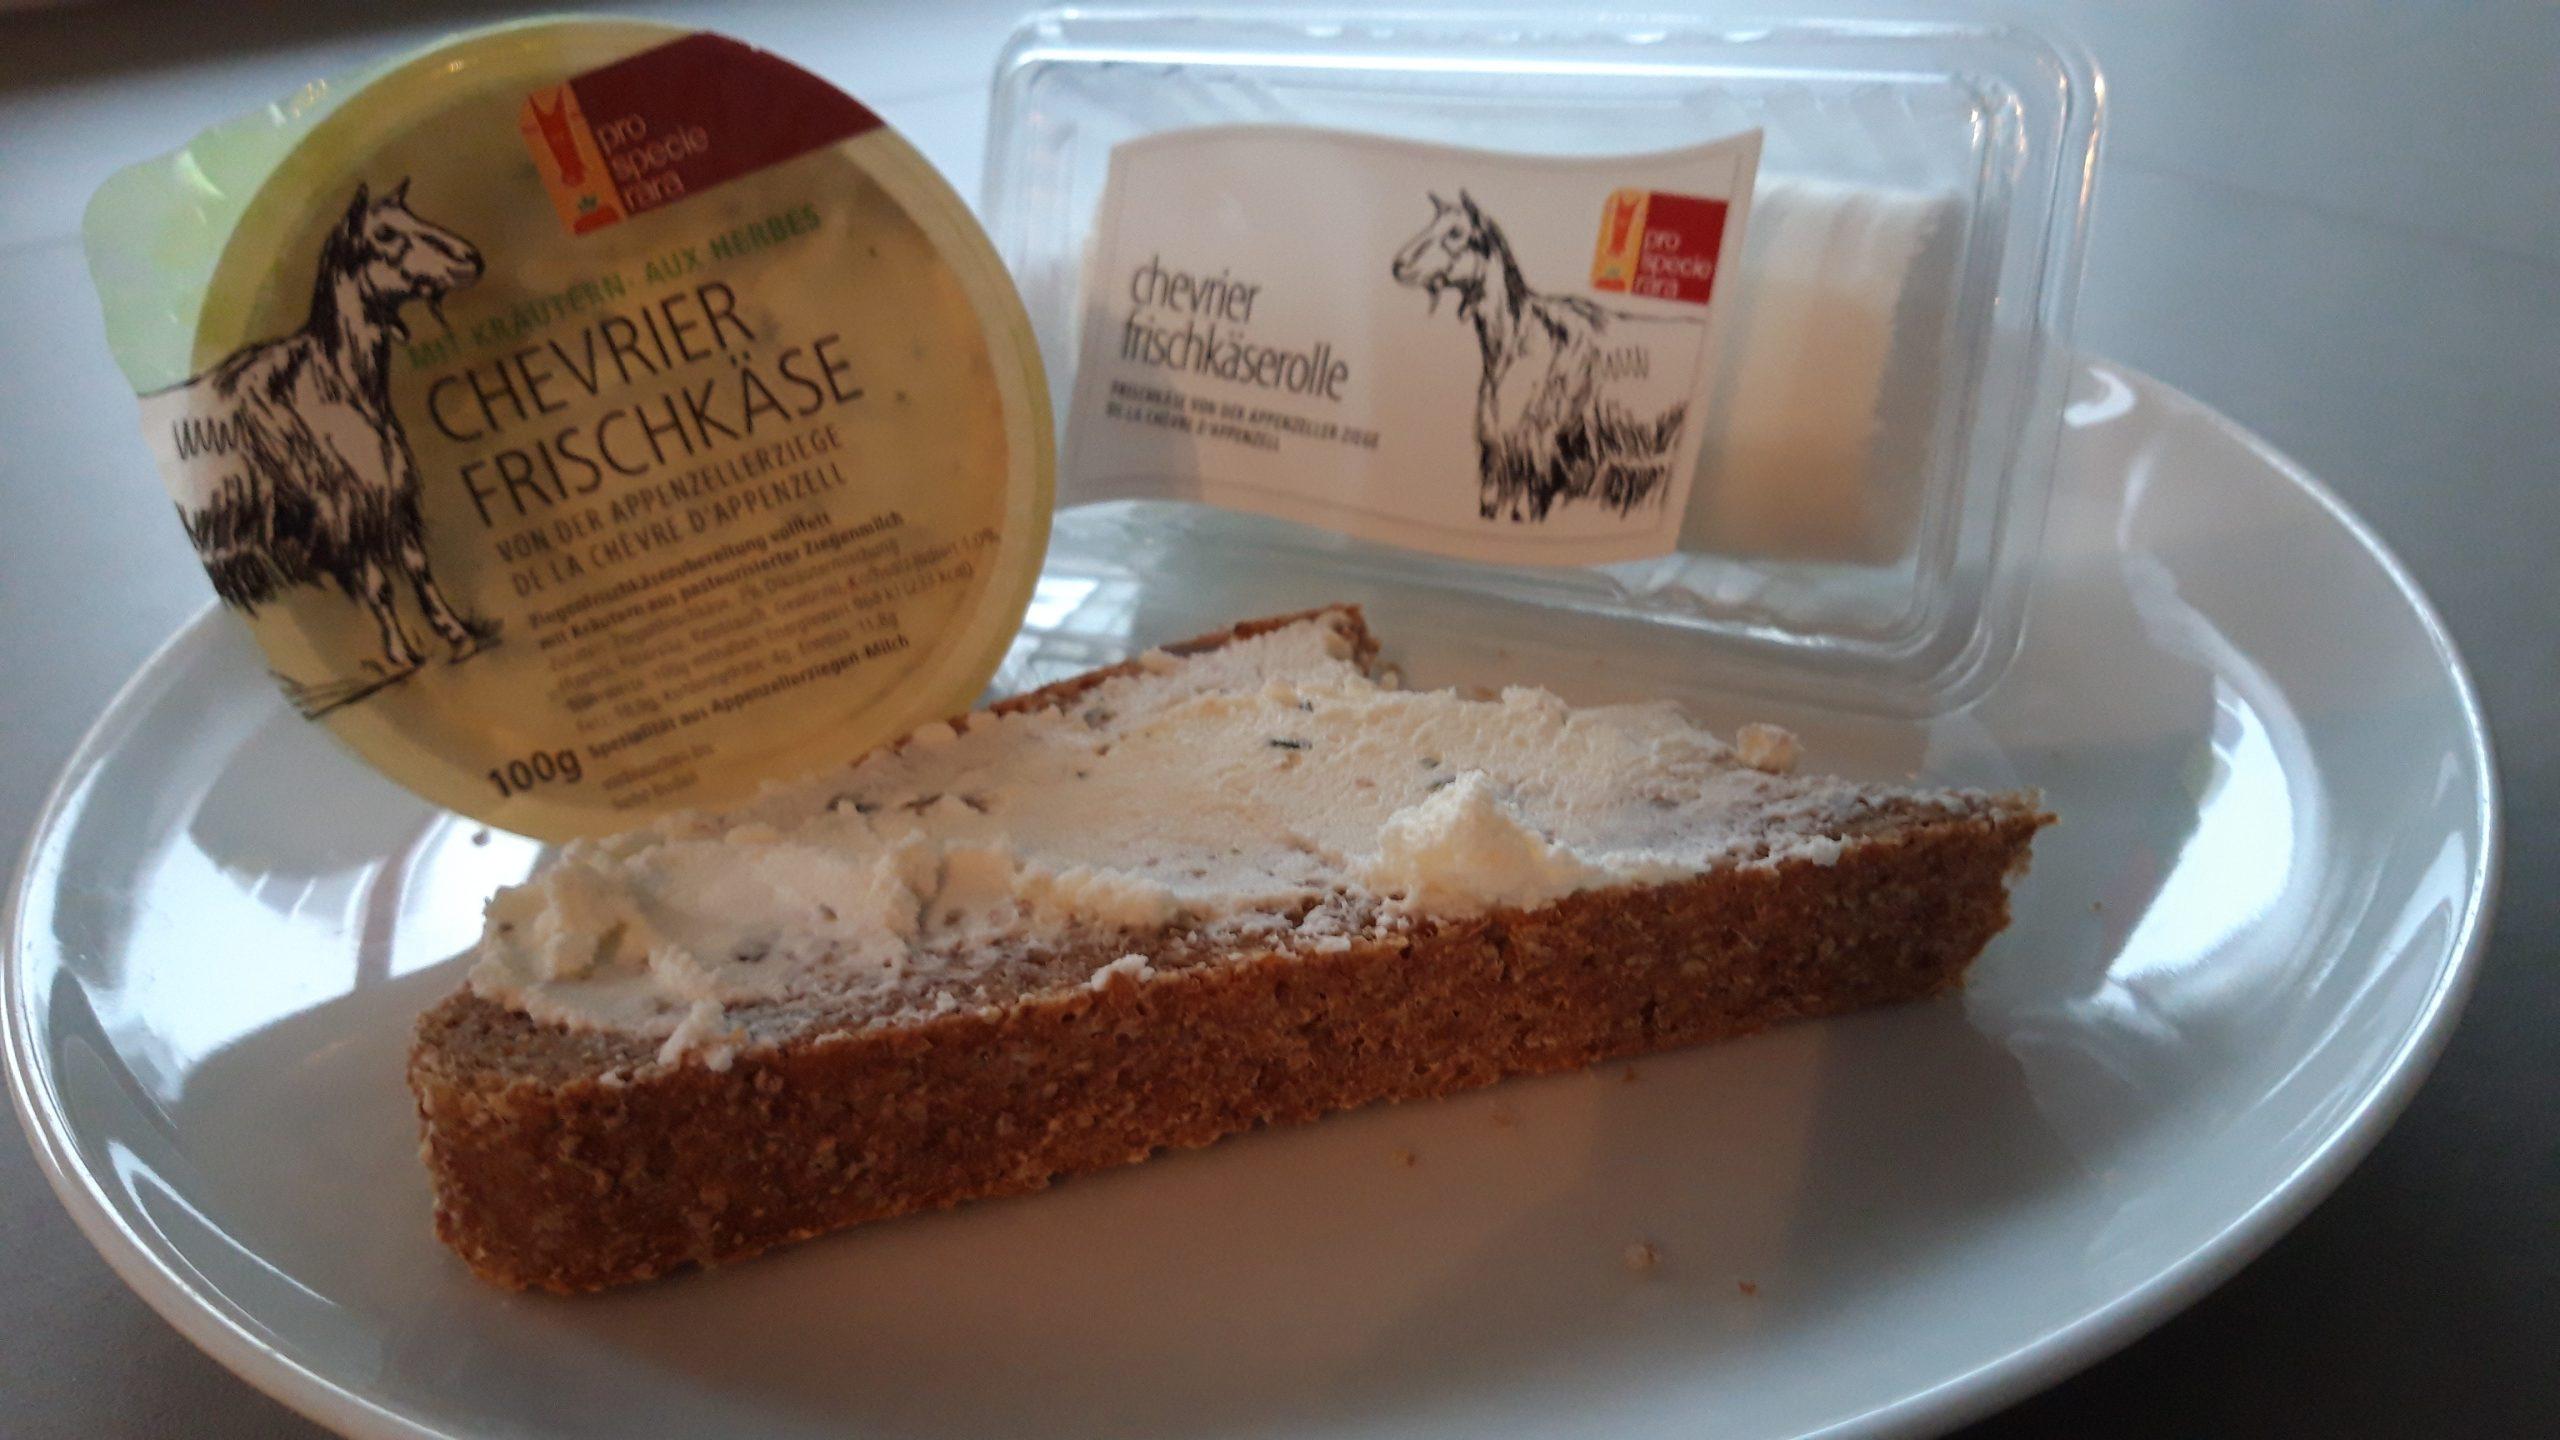 Stück Brot mit Frischkäse mit Kräutern der Appenzeller Ziege auf weissem Teller mit zwei Sorten Ziegenfrischkäse in Originalverpackung